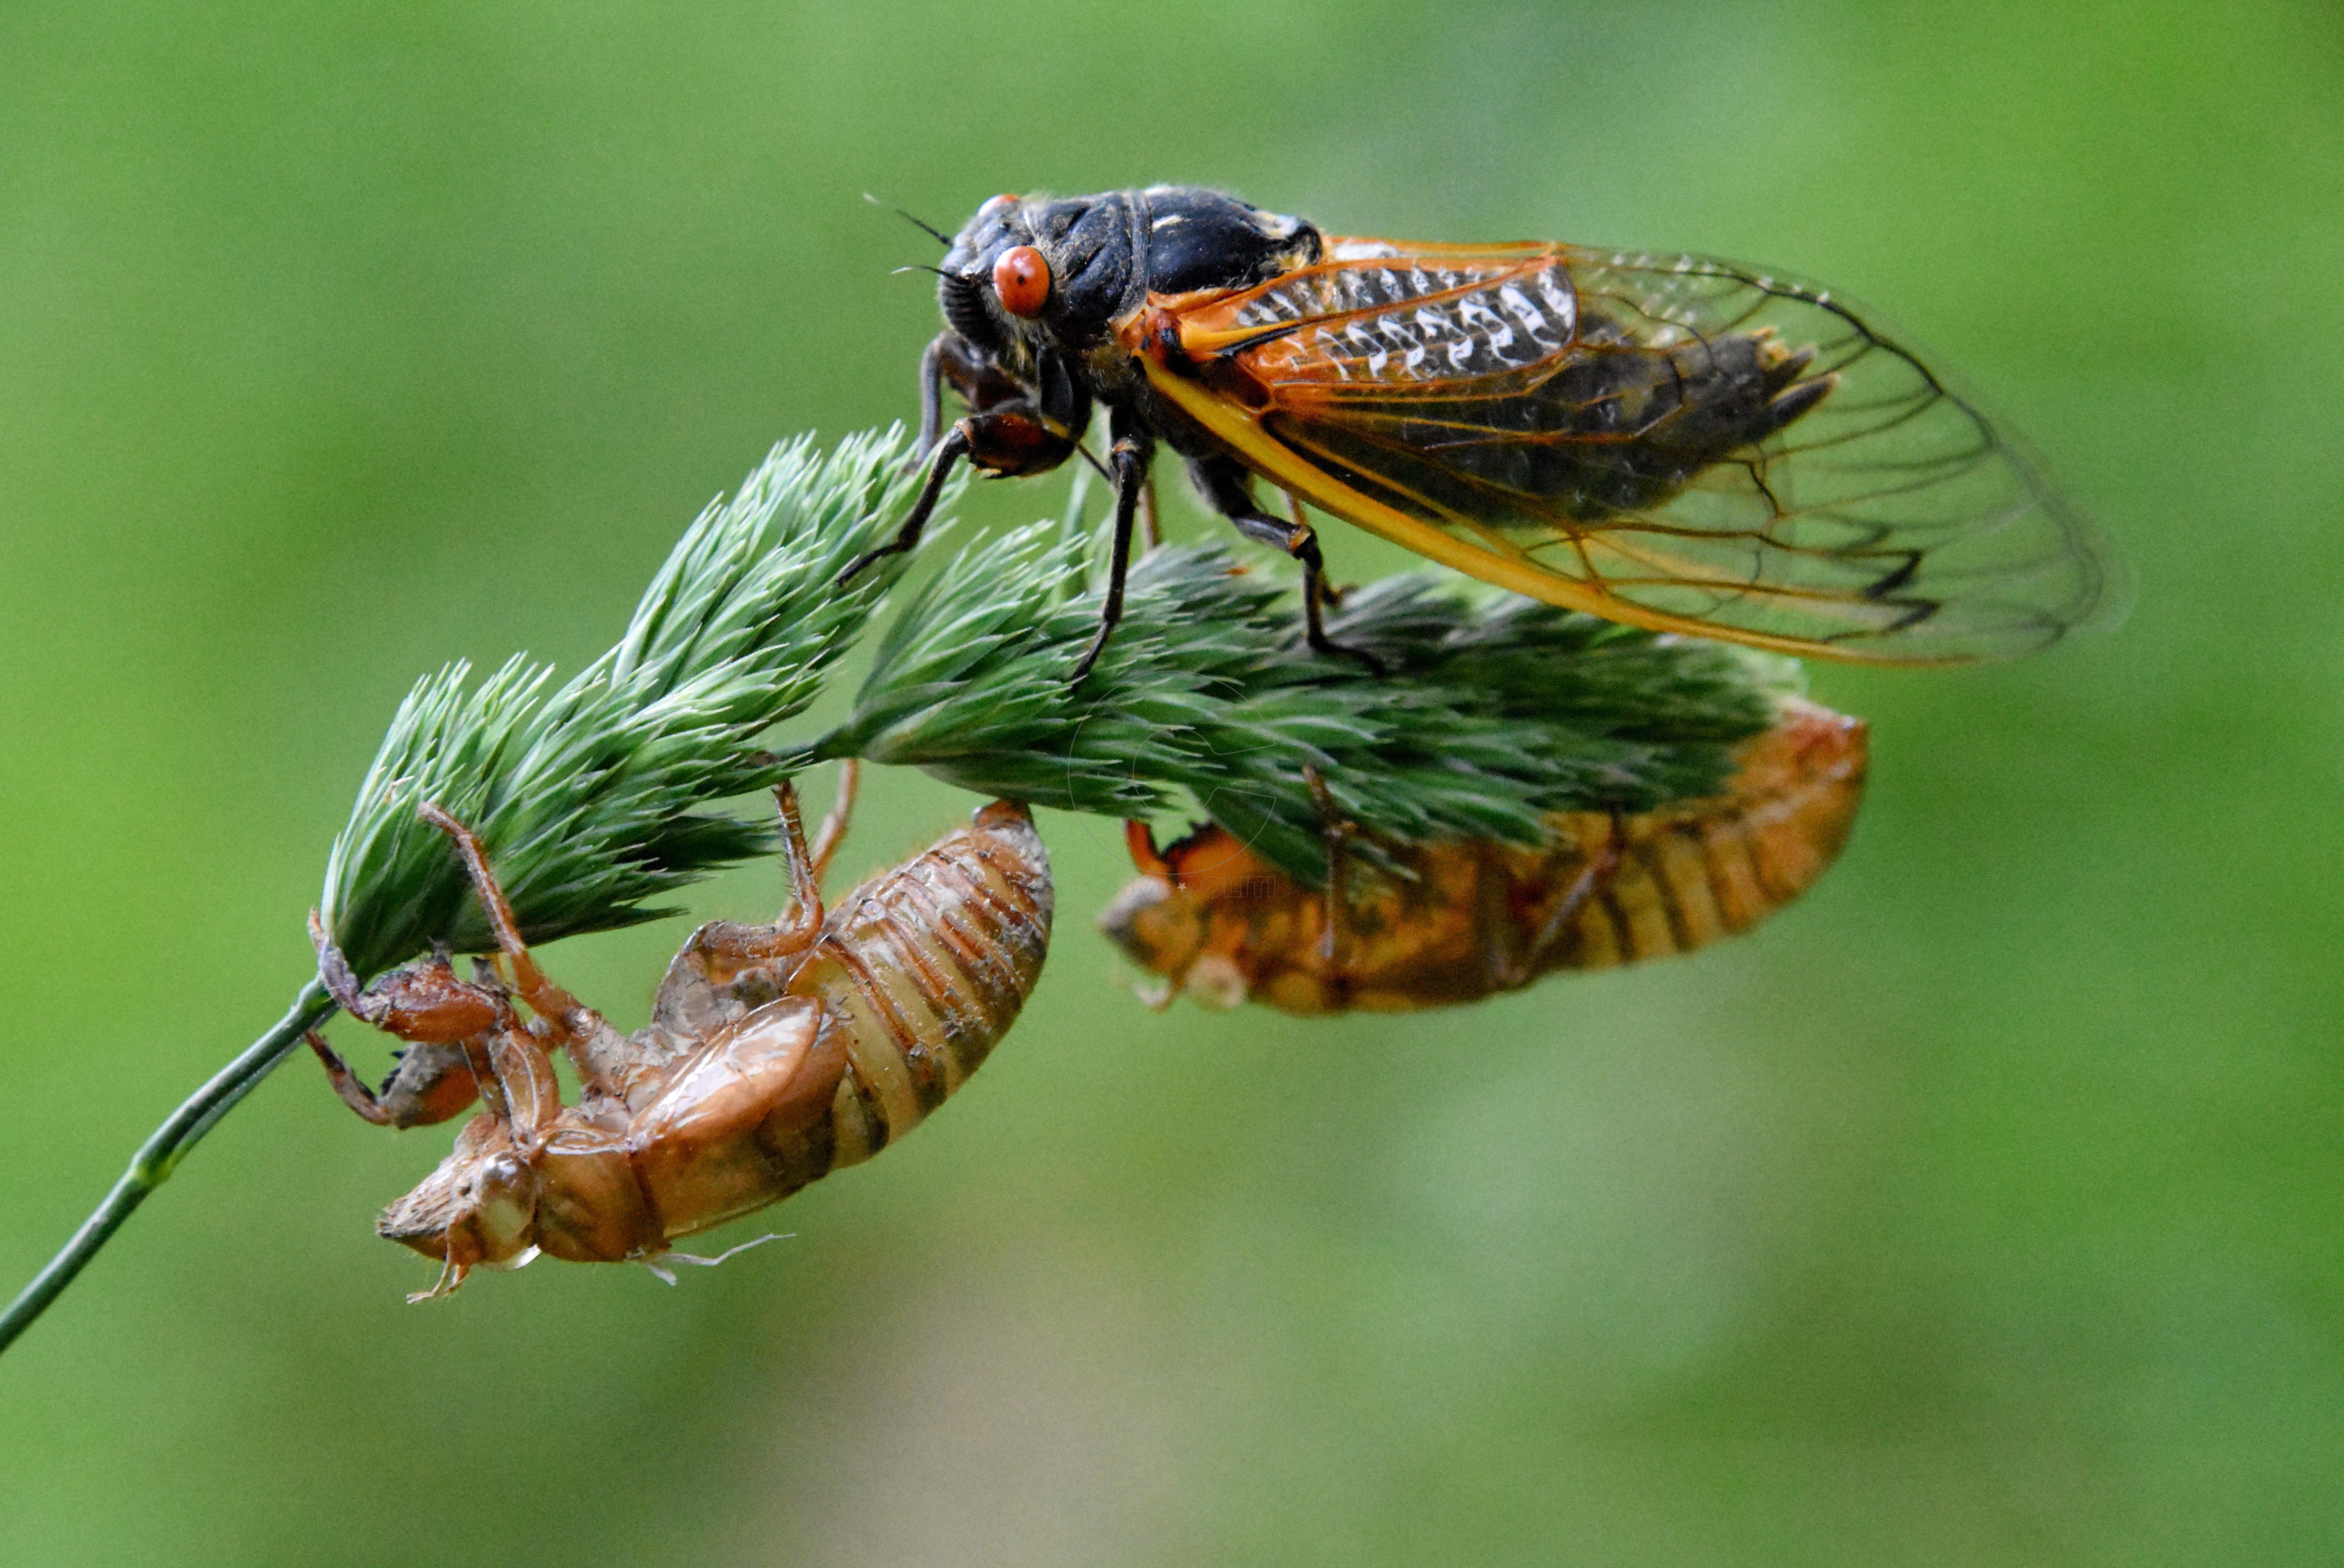 cicadas-nymphs-adult-broodv-17-year-2016